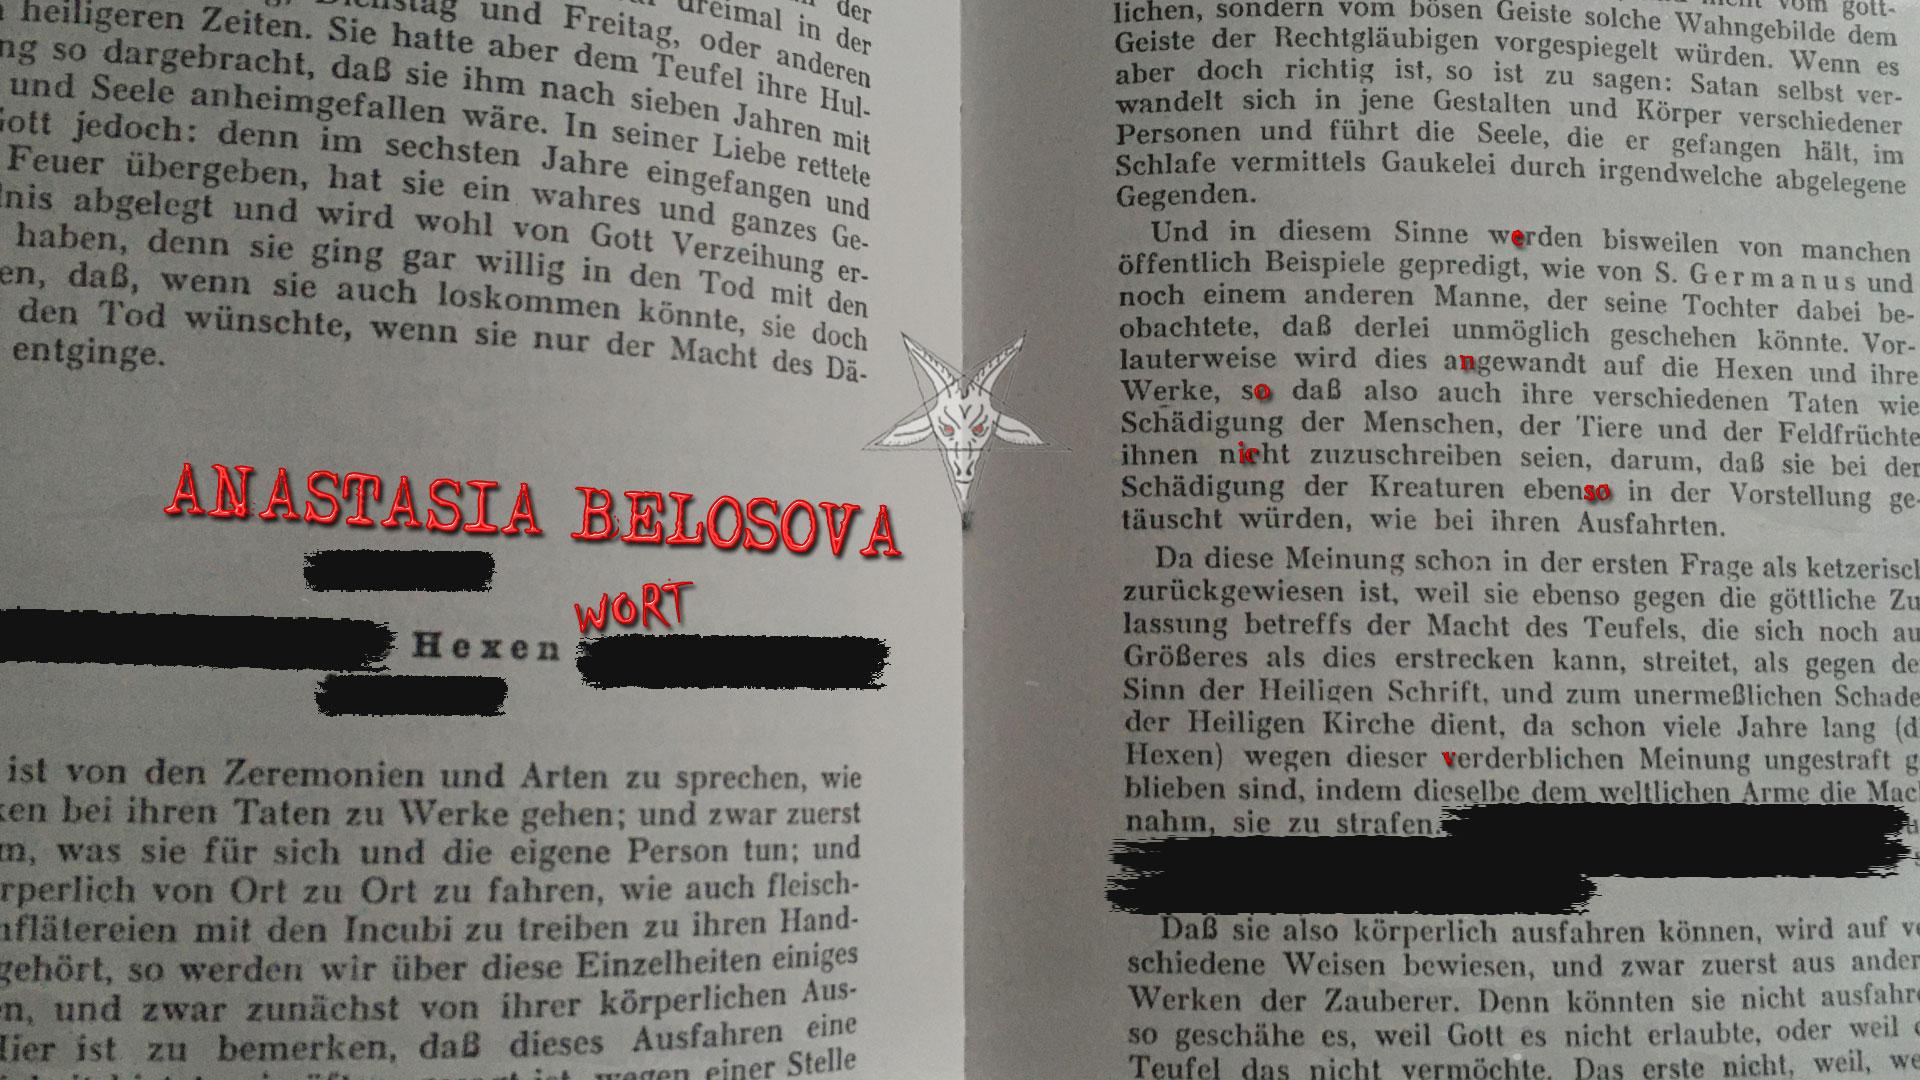 HEXENWORT mit ANASTASIA BELOSOVA